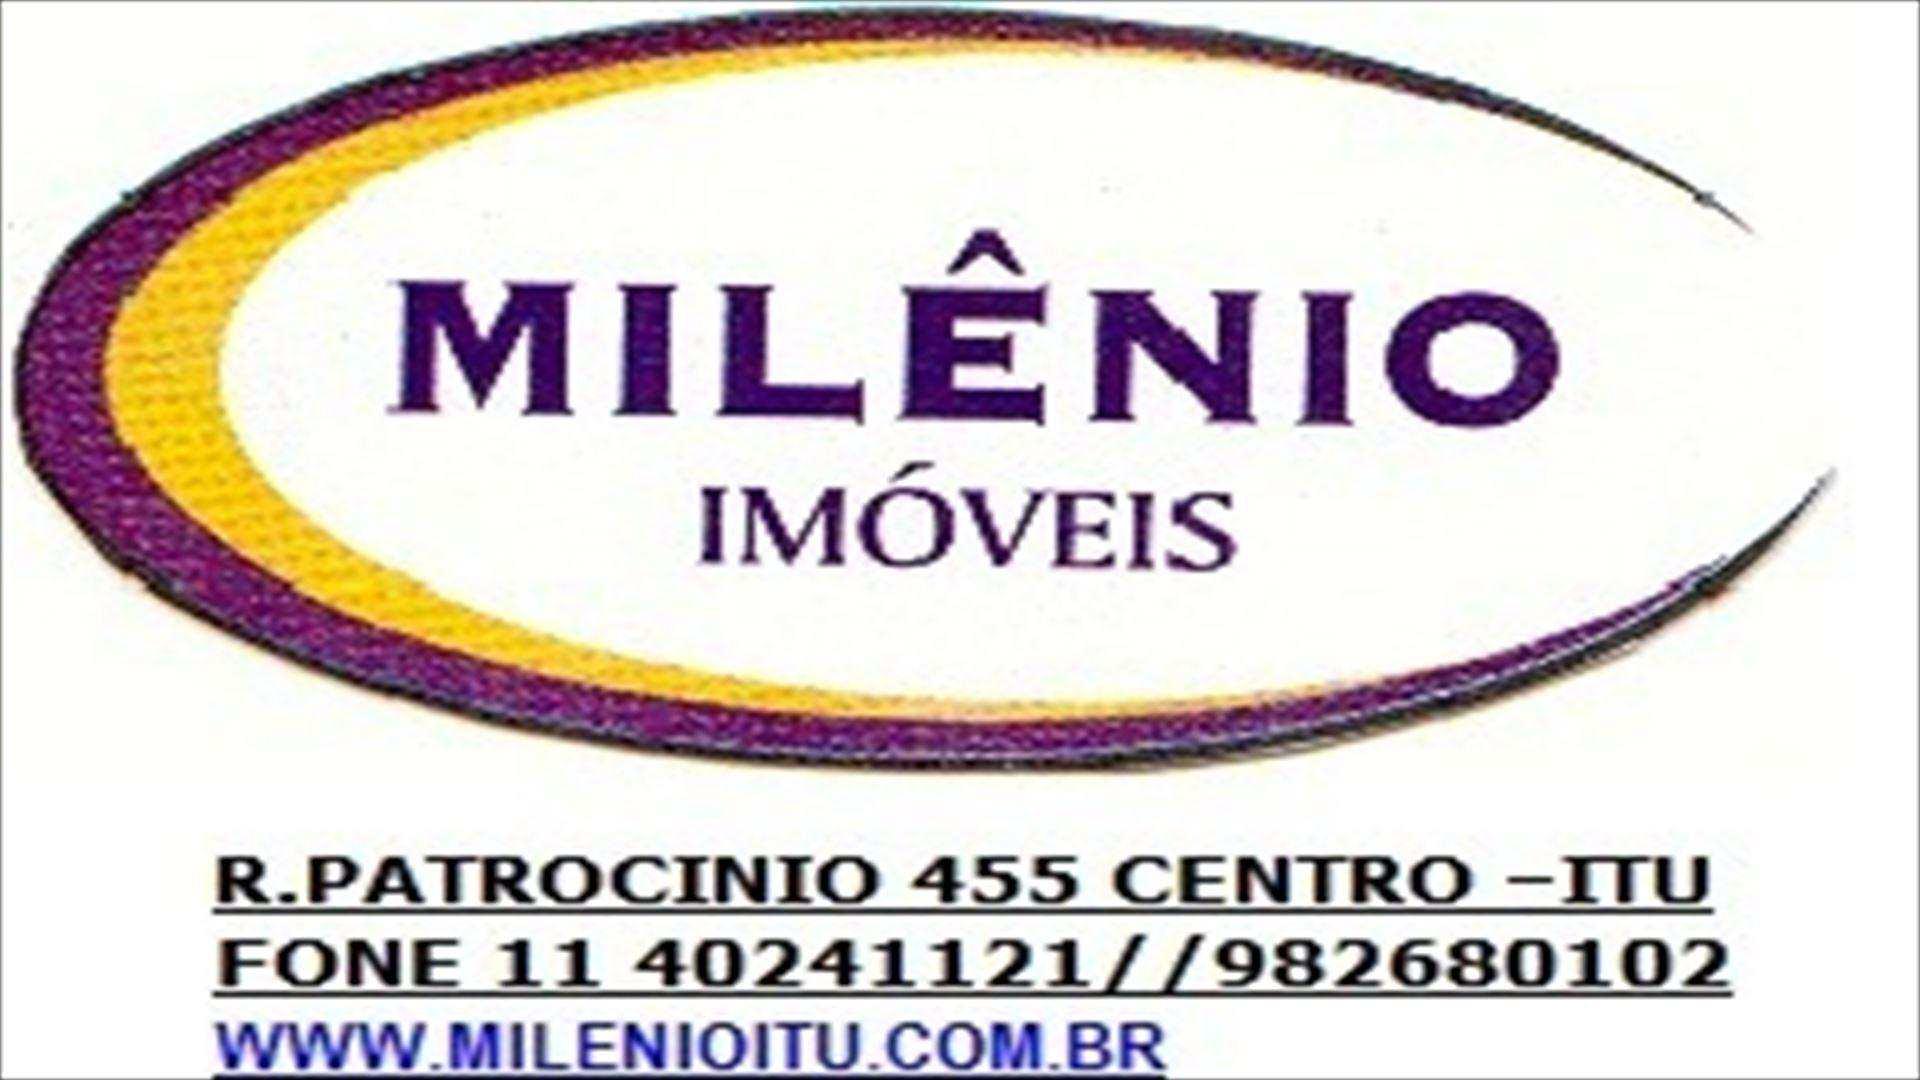 185600-LOGO_TIPO_MILENIO1.jpg